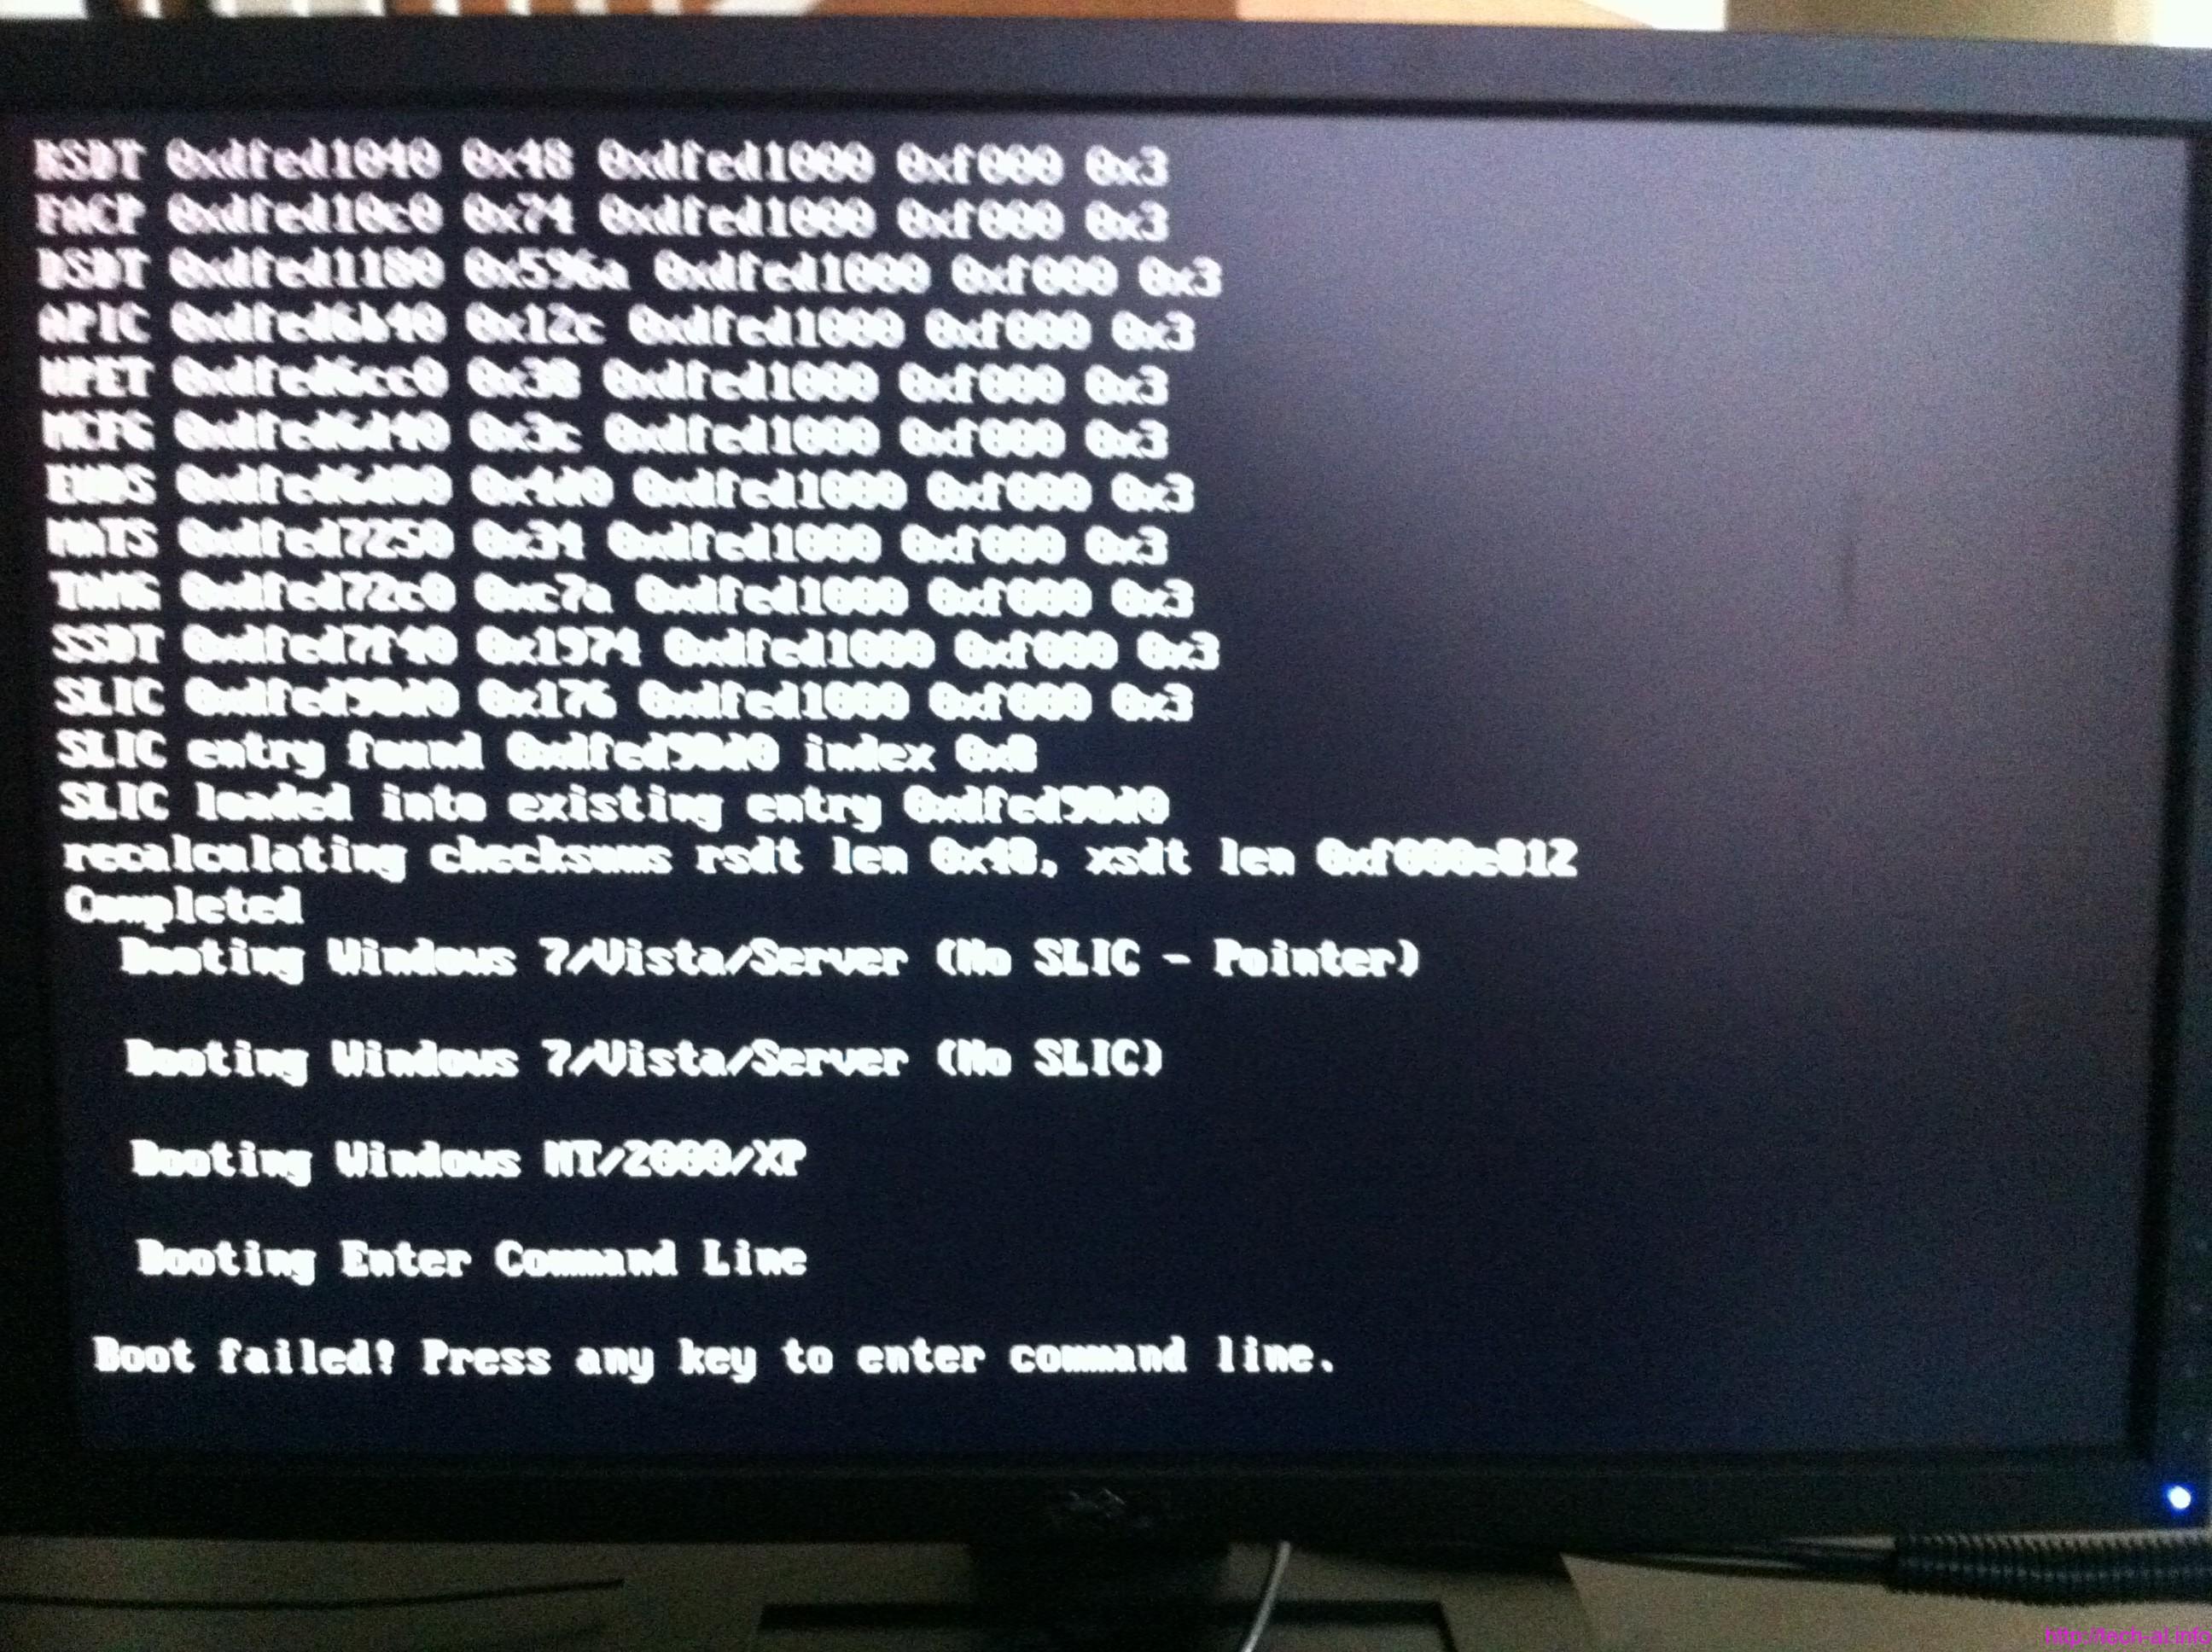 problem me Boot Failed! Press any Key to enter command line? Ja zgjidhja